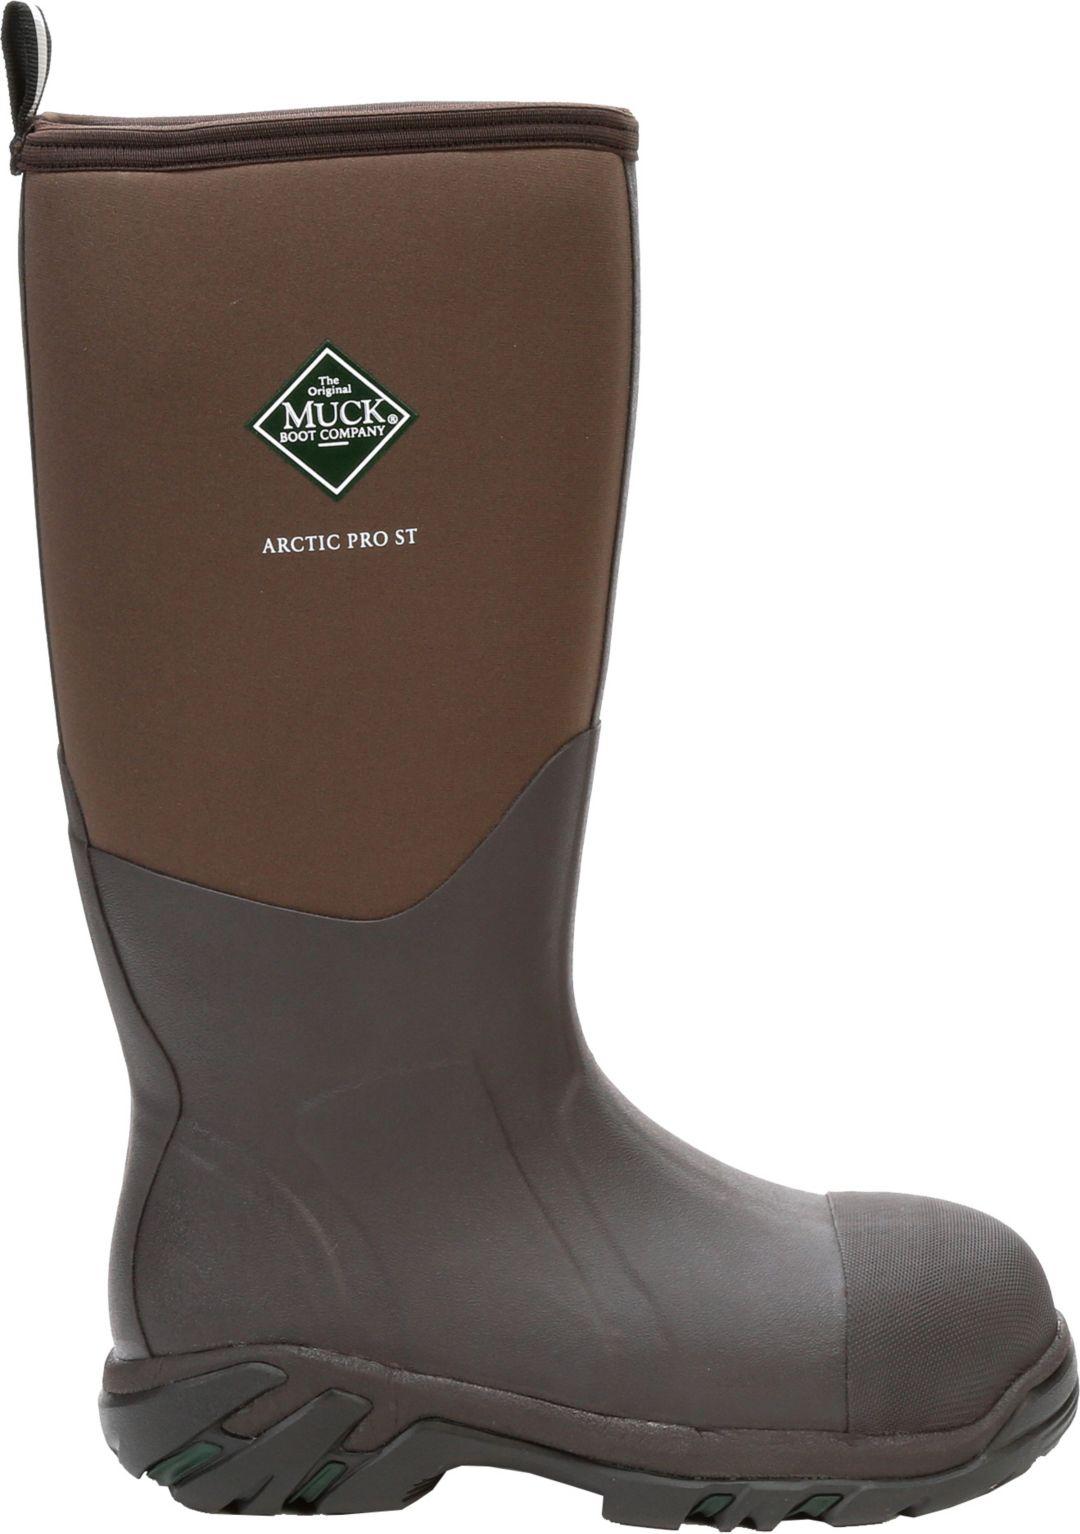 2831b52c52a Muck Boots Men's Arctic Pro Steel Toe Waterproof Work Boots